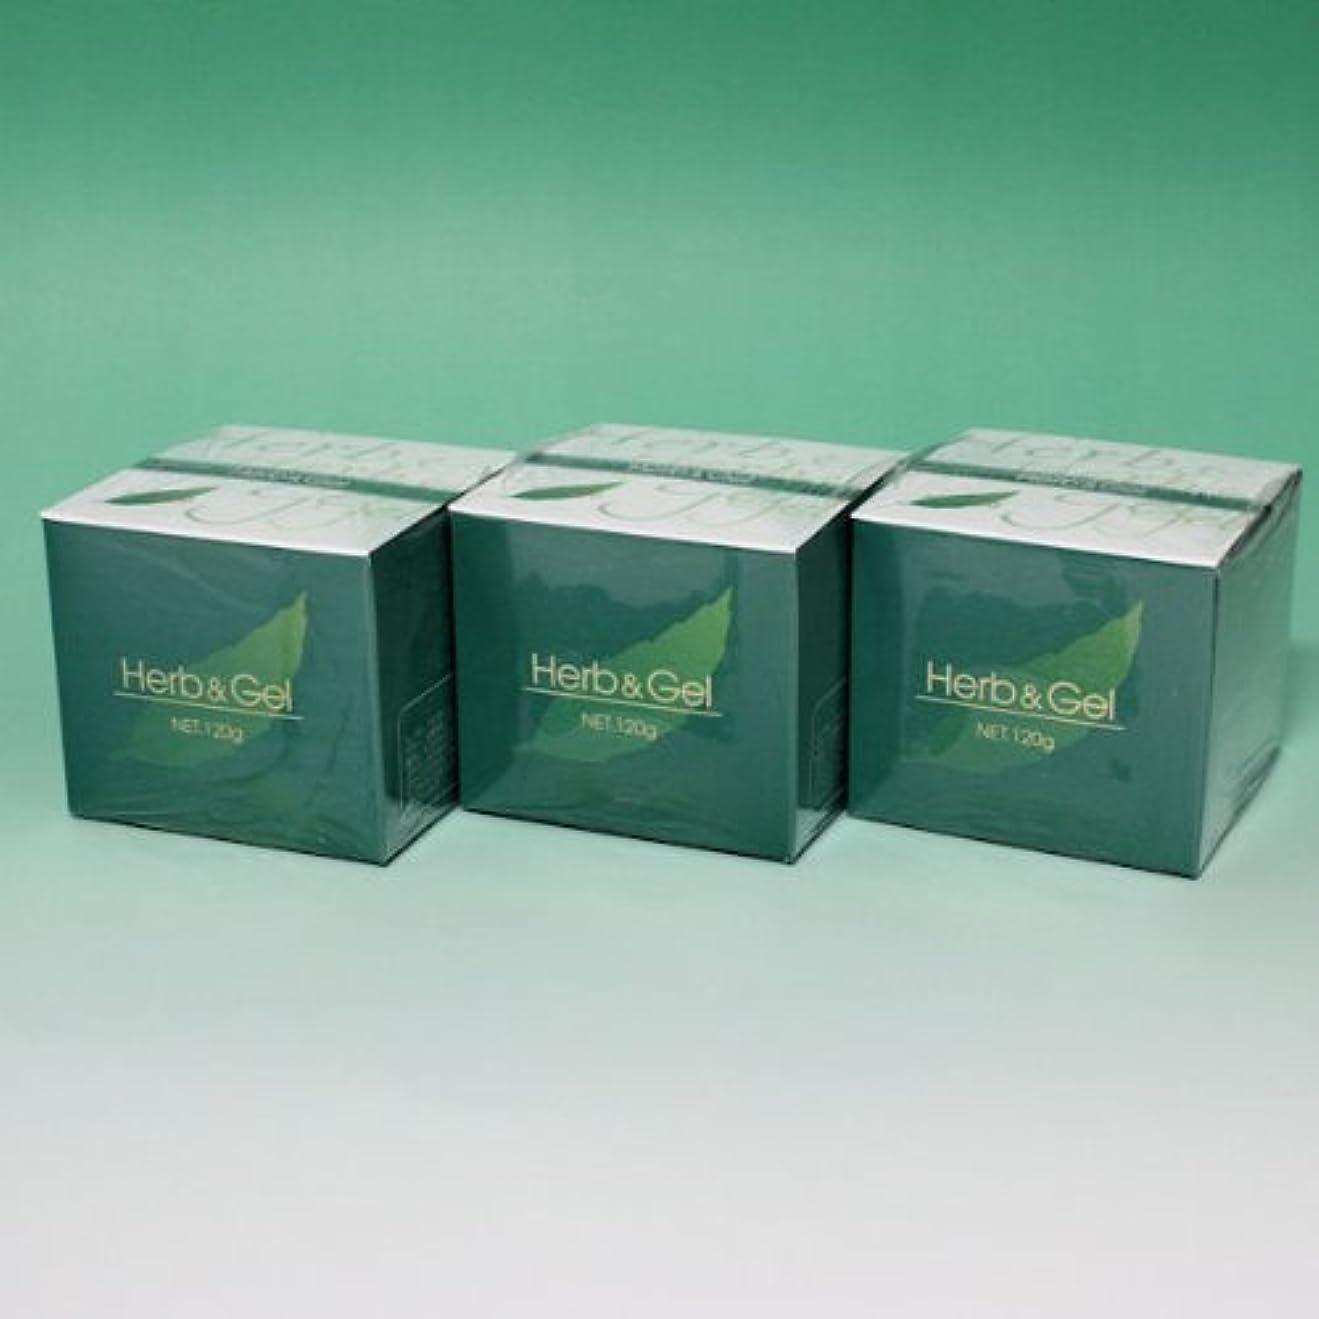 アナロジー足枷テザーハーブアンドゲル 天然ハーブエキス配合 120g×3瓶セット (4580109490026)